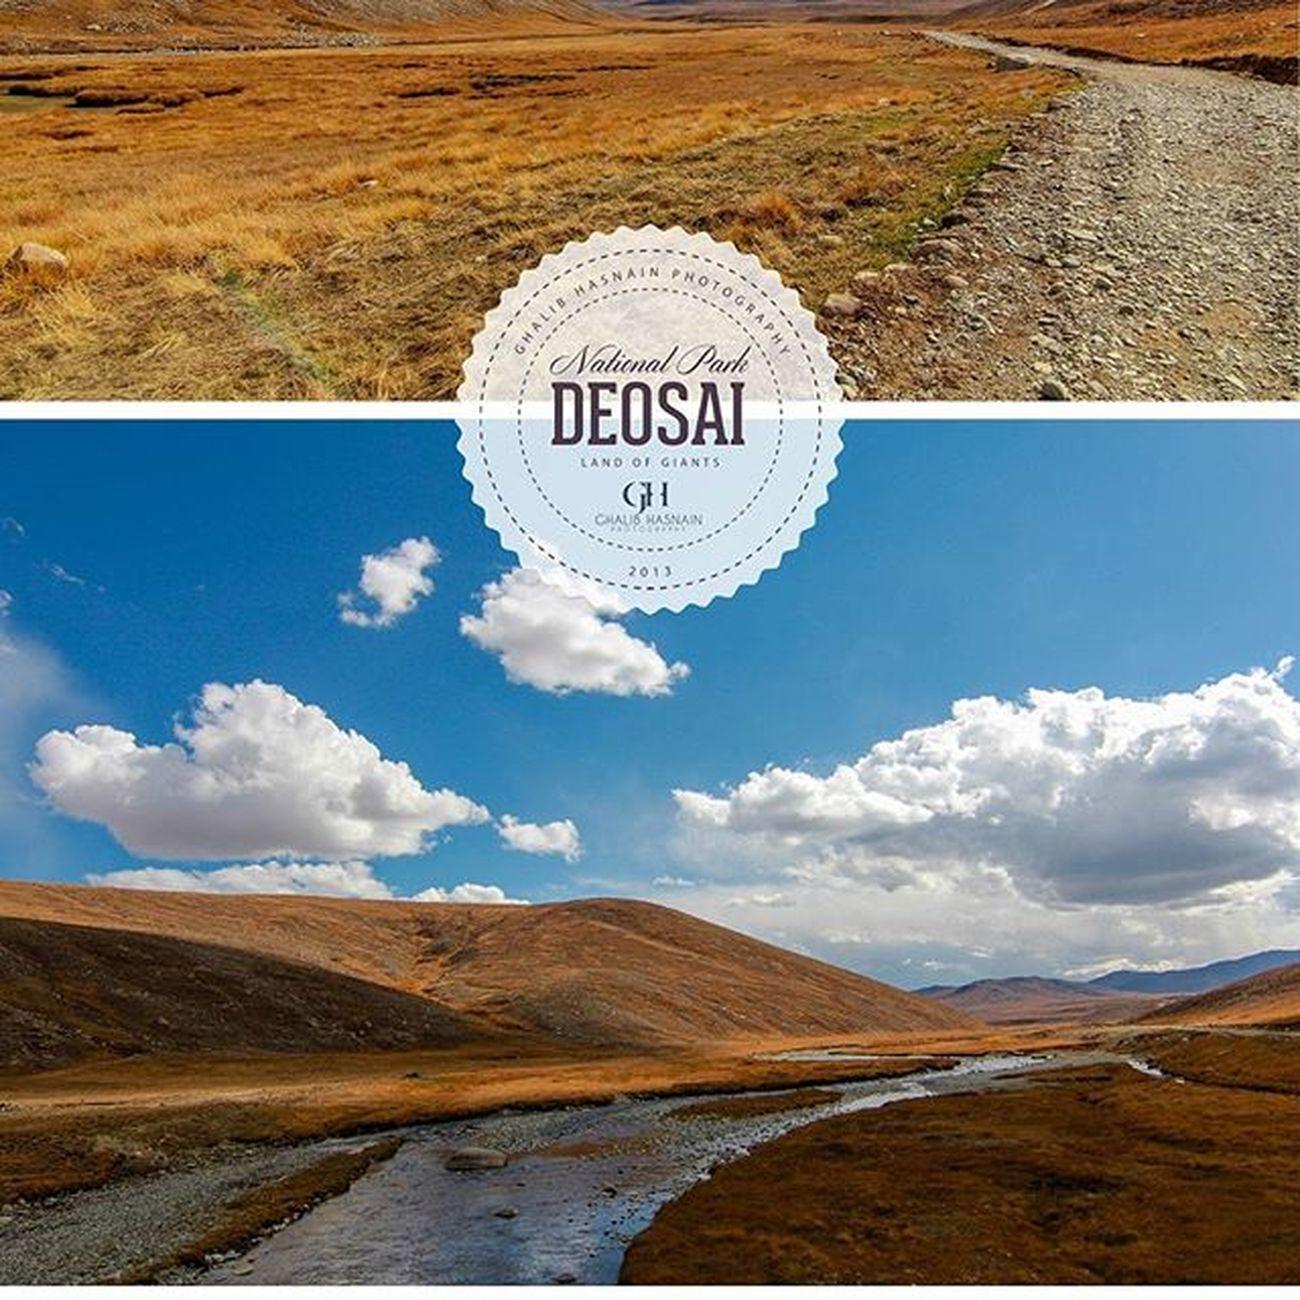 From the Archive of 2013 DEOSAI Deosai Pakistan Skardu Gilgitbiltistan Autumn Roadtosheosar Ghalibhasnainphotography Ghalibhasnain Plains VSCO Nature Beautifulpakistan @Pakistan